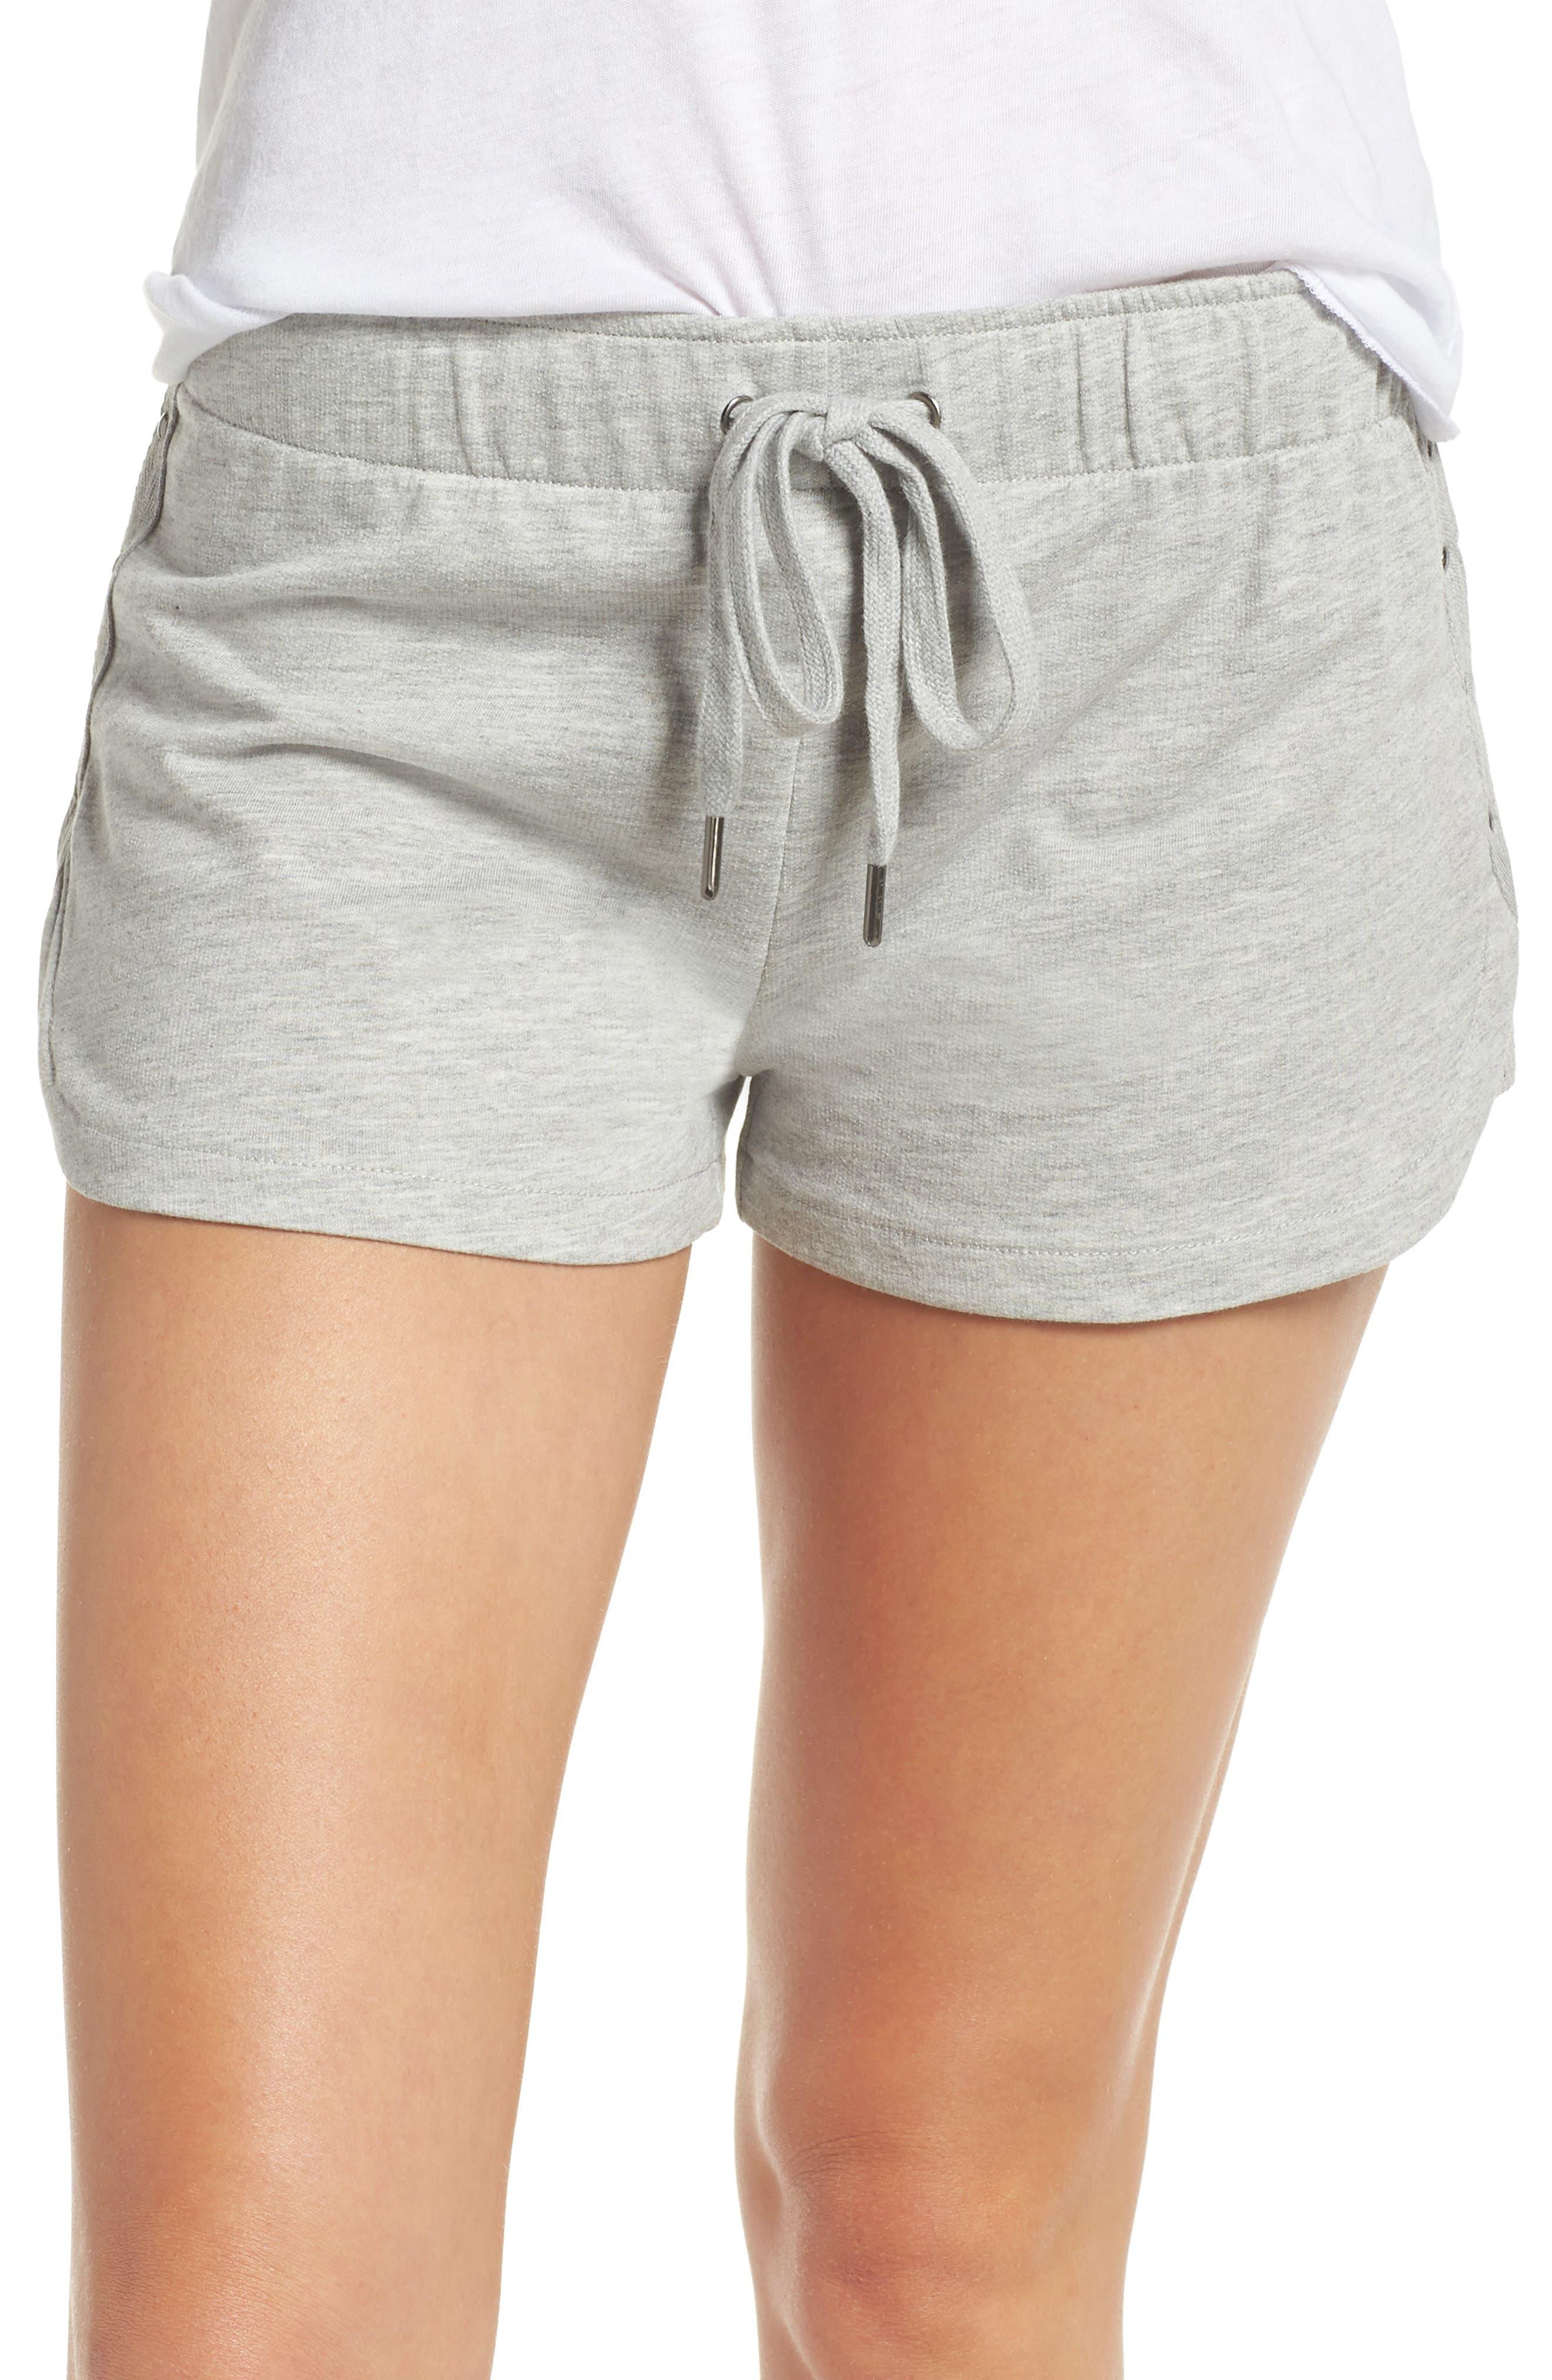 Pajama Shorts,                         Main,                         color, 020